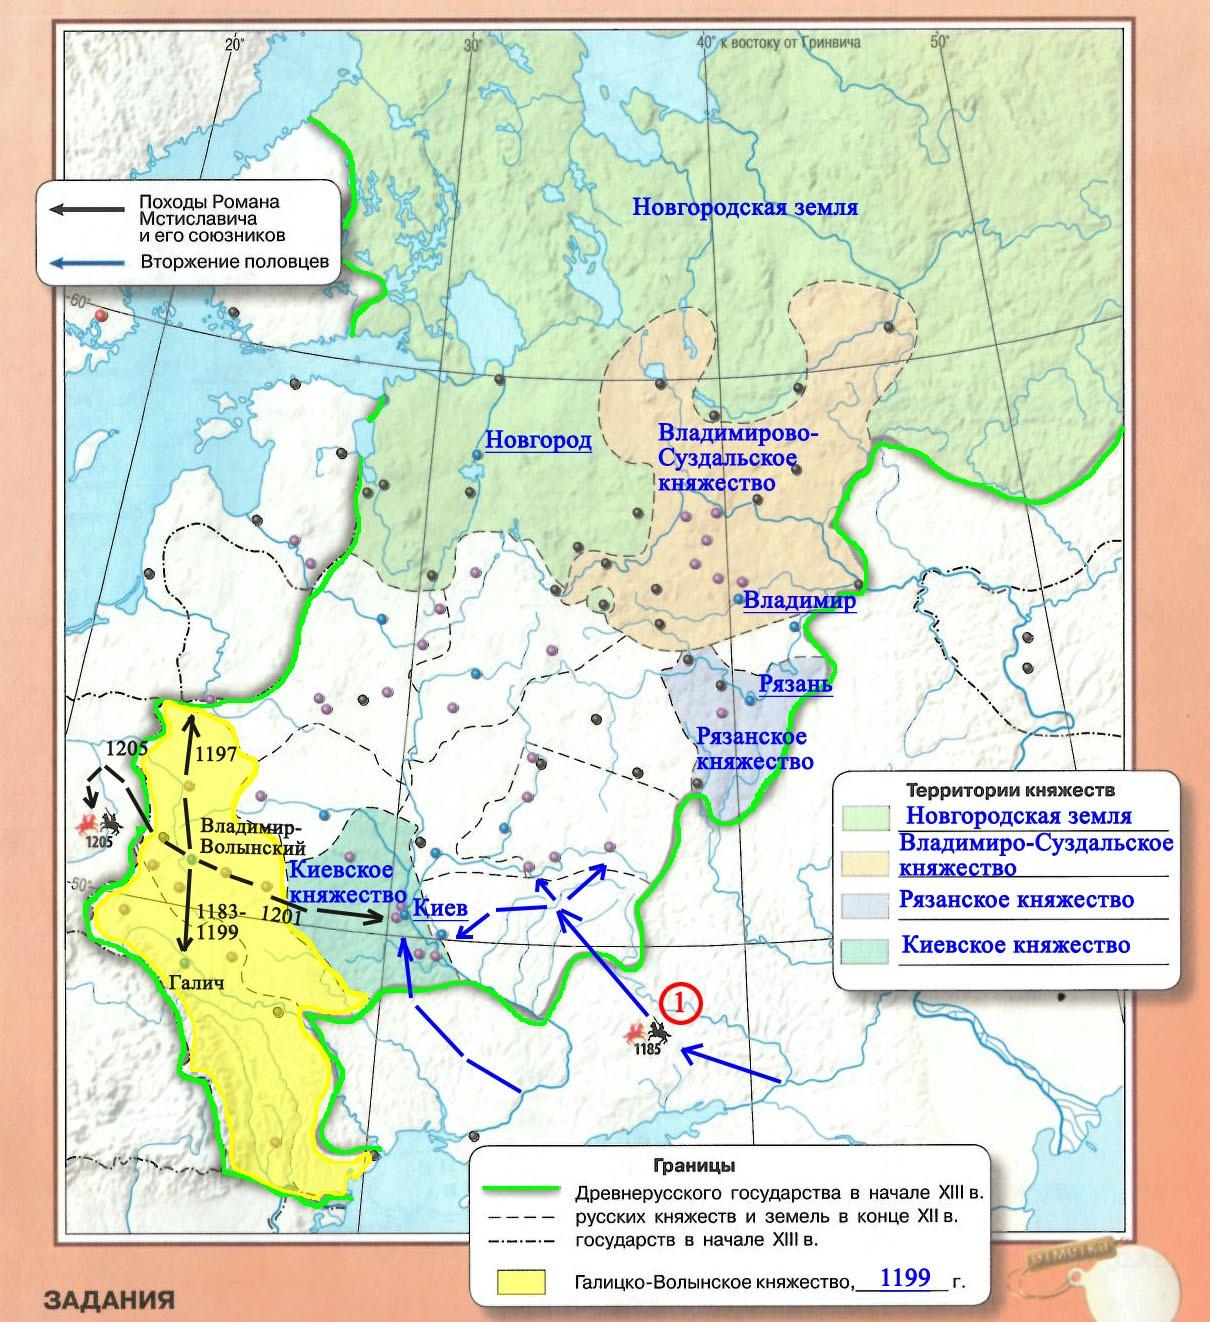 Решебник по Контурным Картам 9 Класс по История России - картинка 1